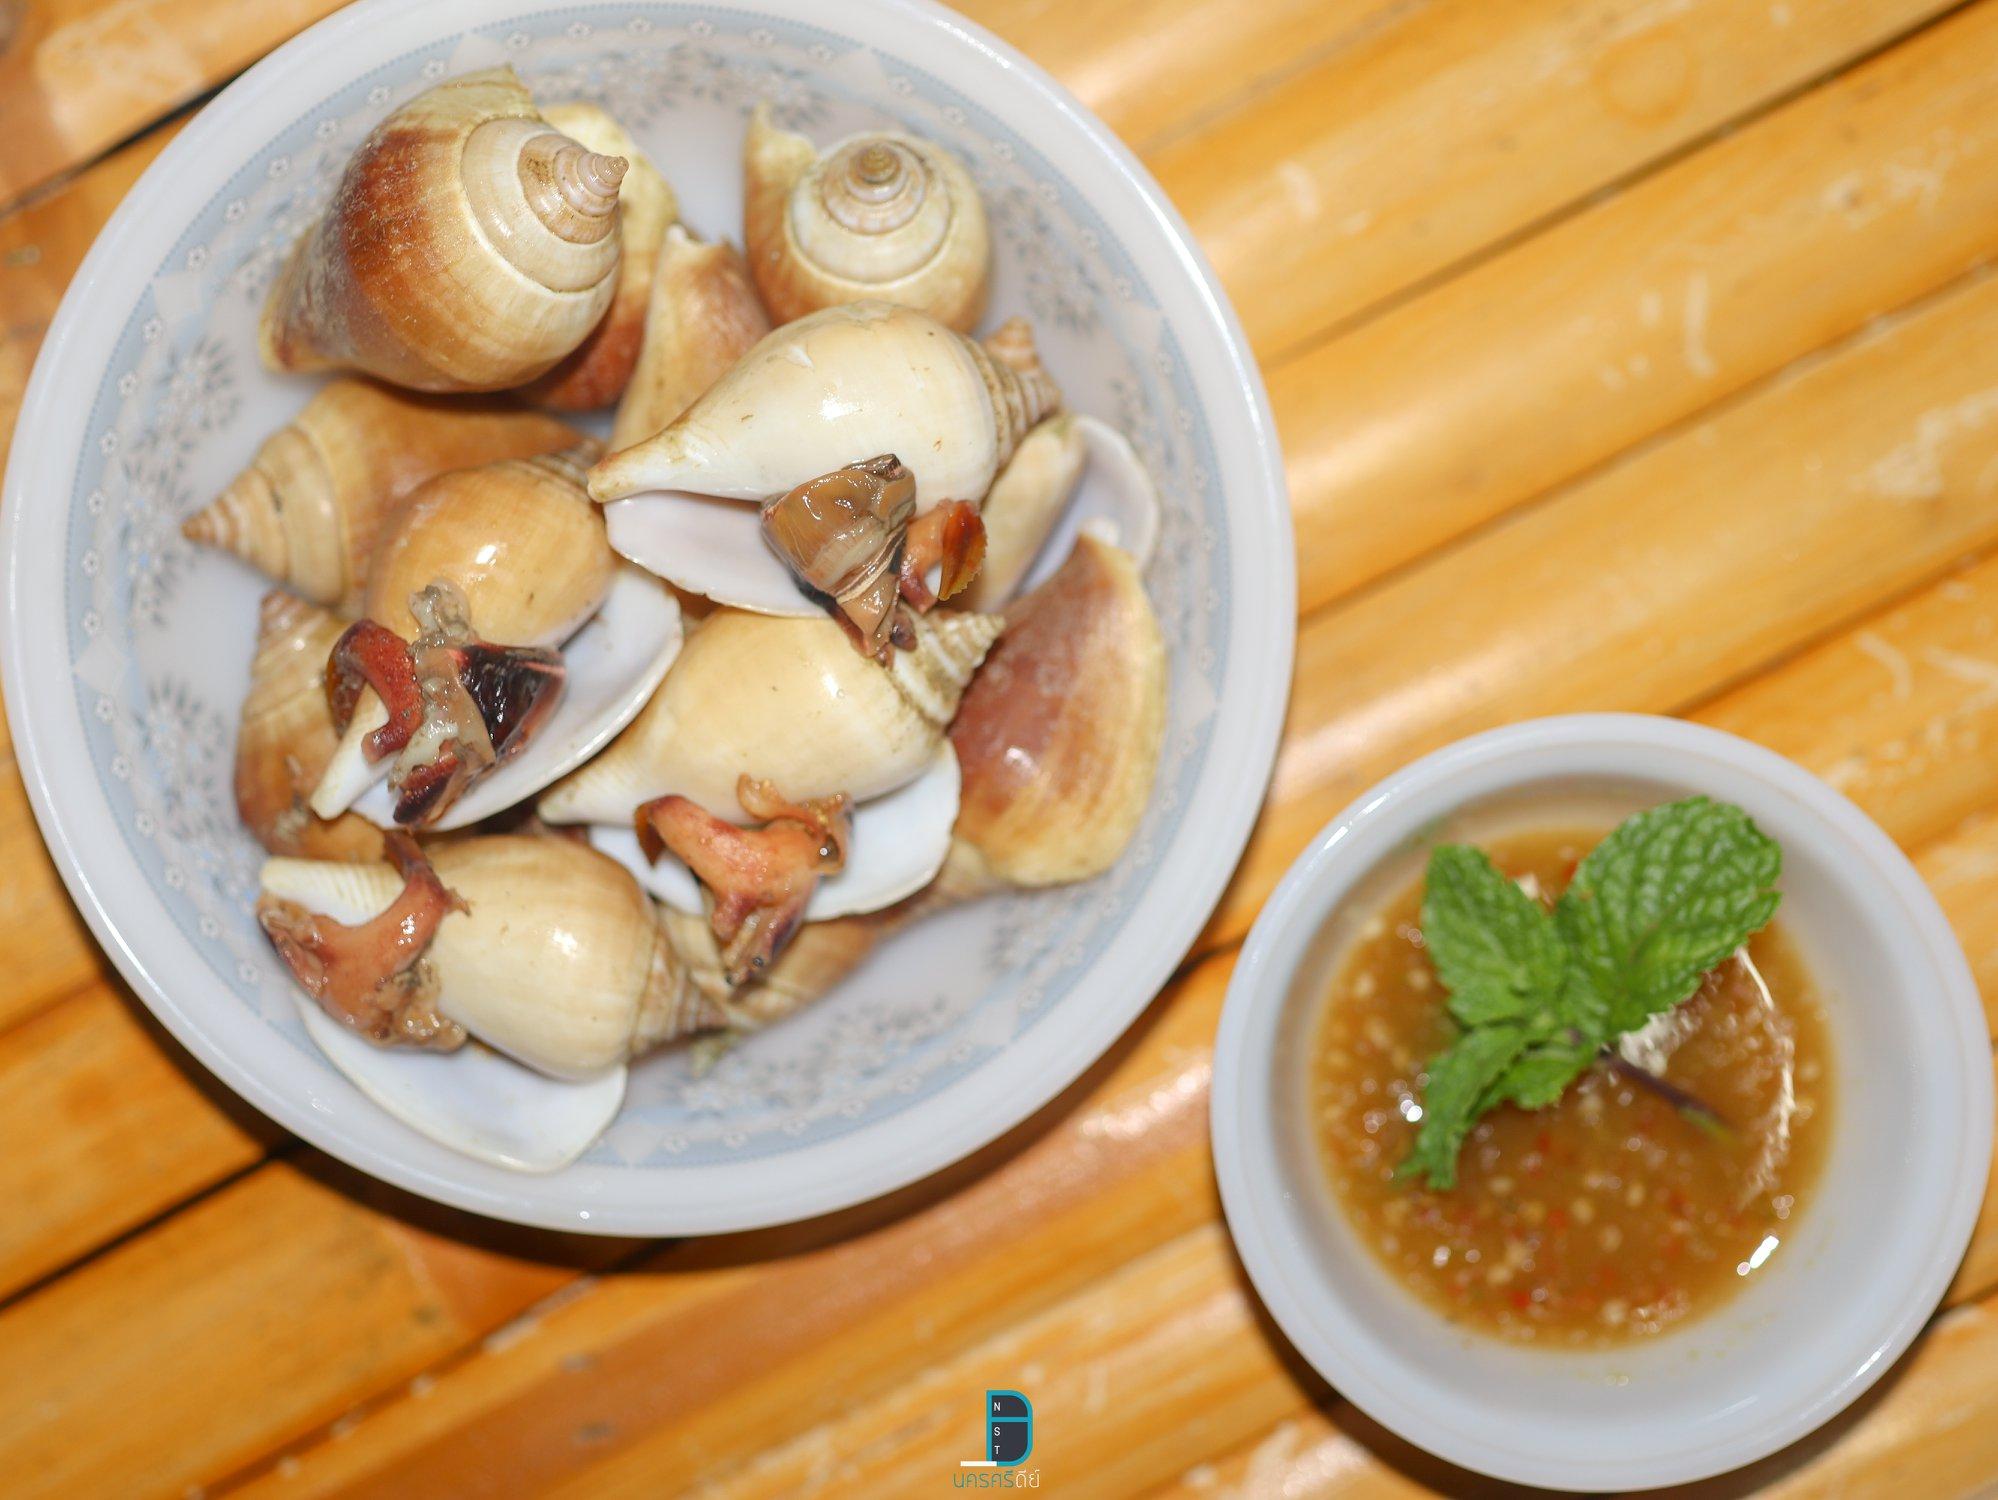 ปูไข่ดอง ปูนึ่ง กุ้งย่าง จ๊อปู เดลิเวอรี่ นครศรีธรรมราช โกปู ปูไข่ดอง Delivery  นครศรีดีย์